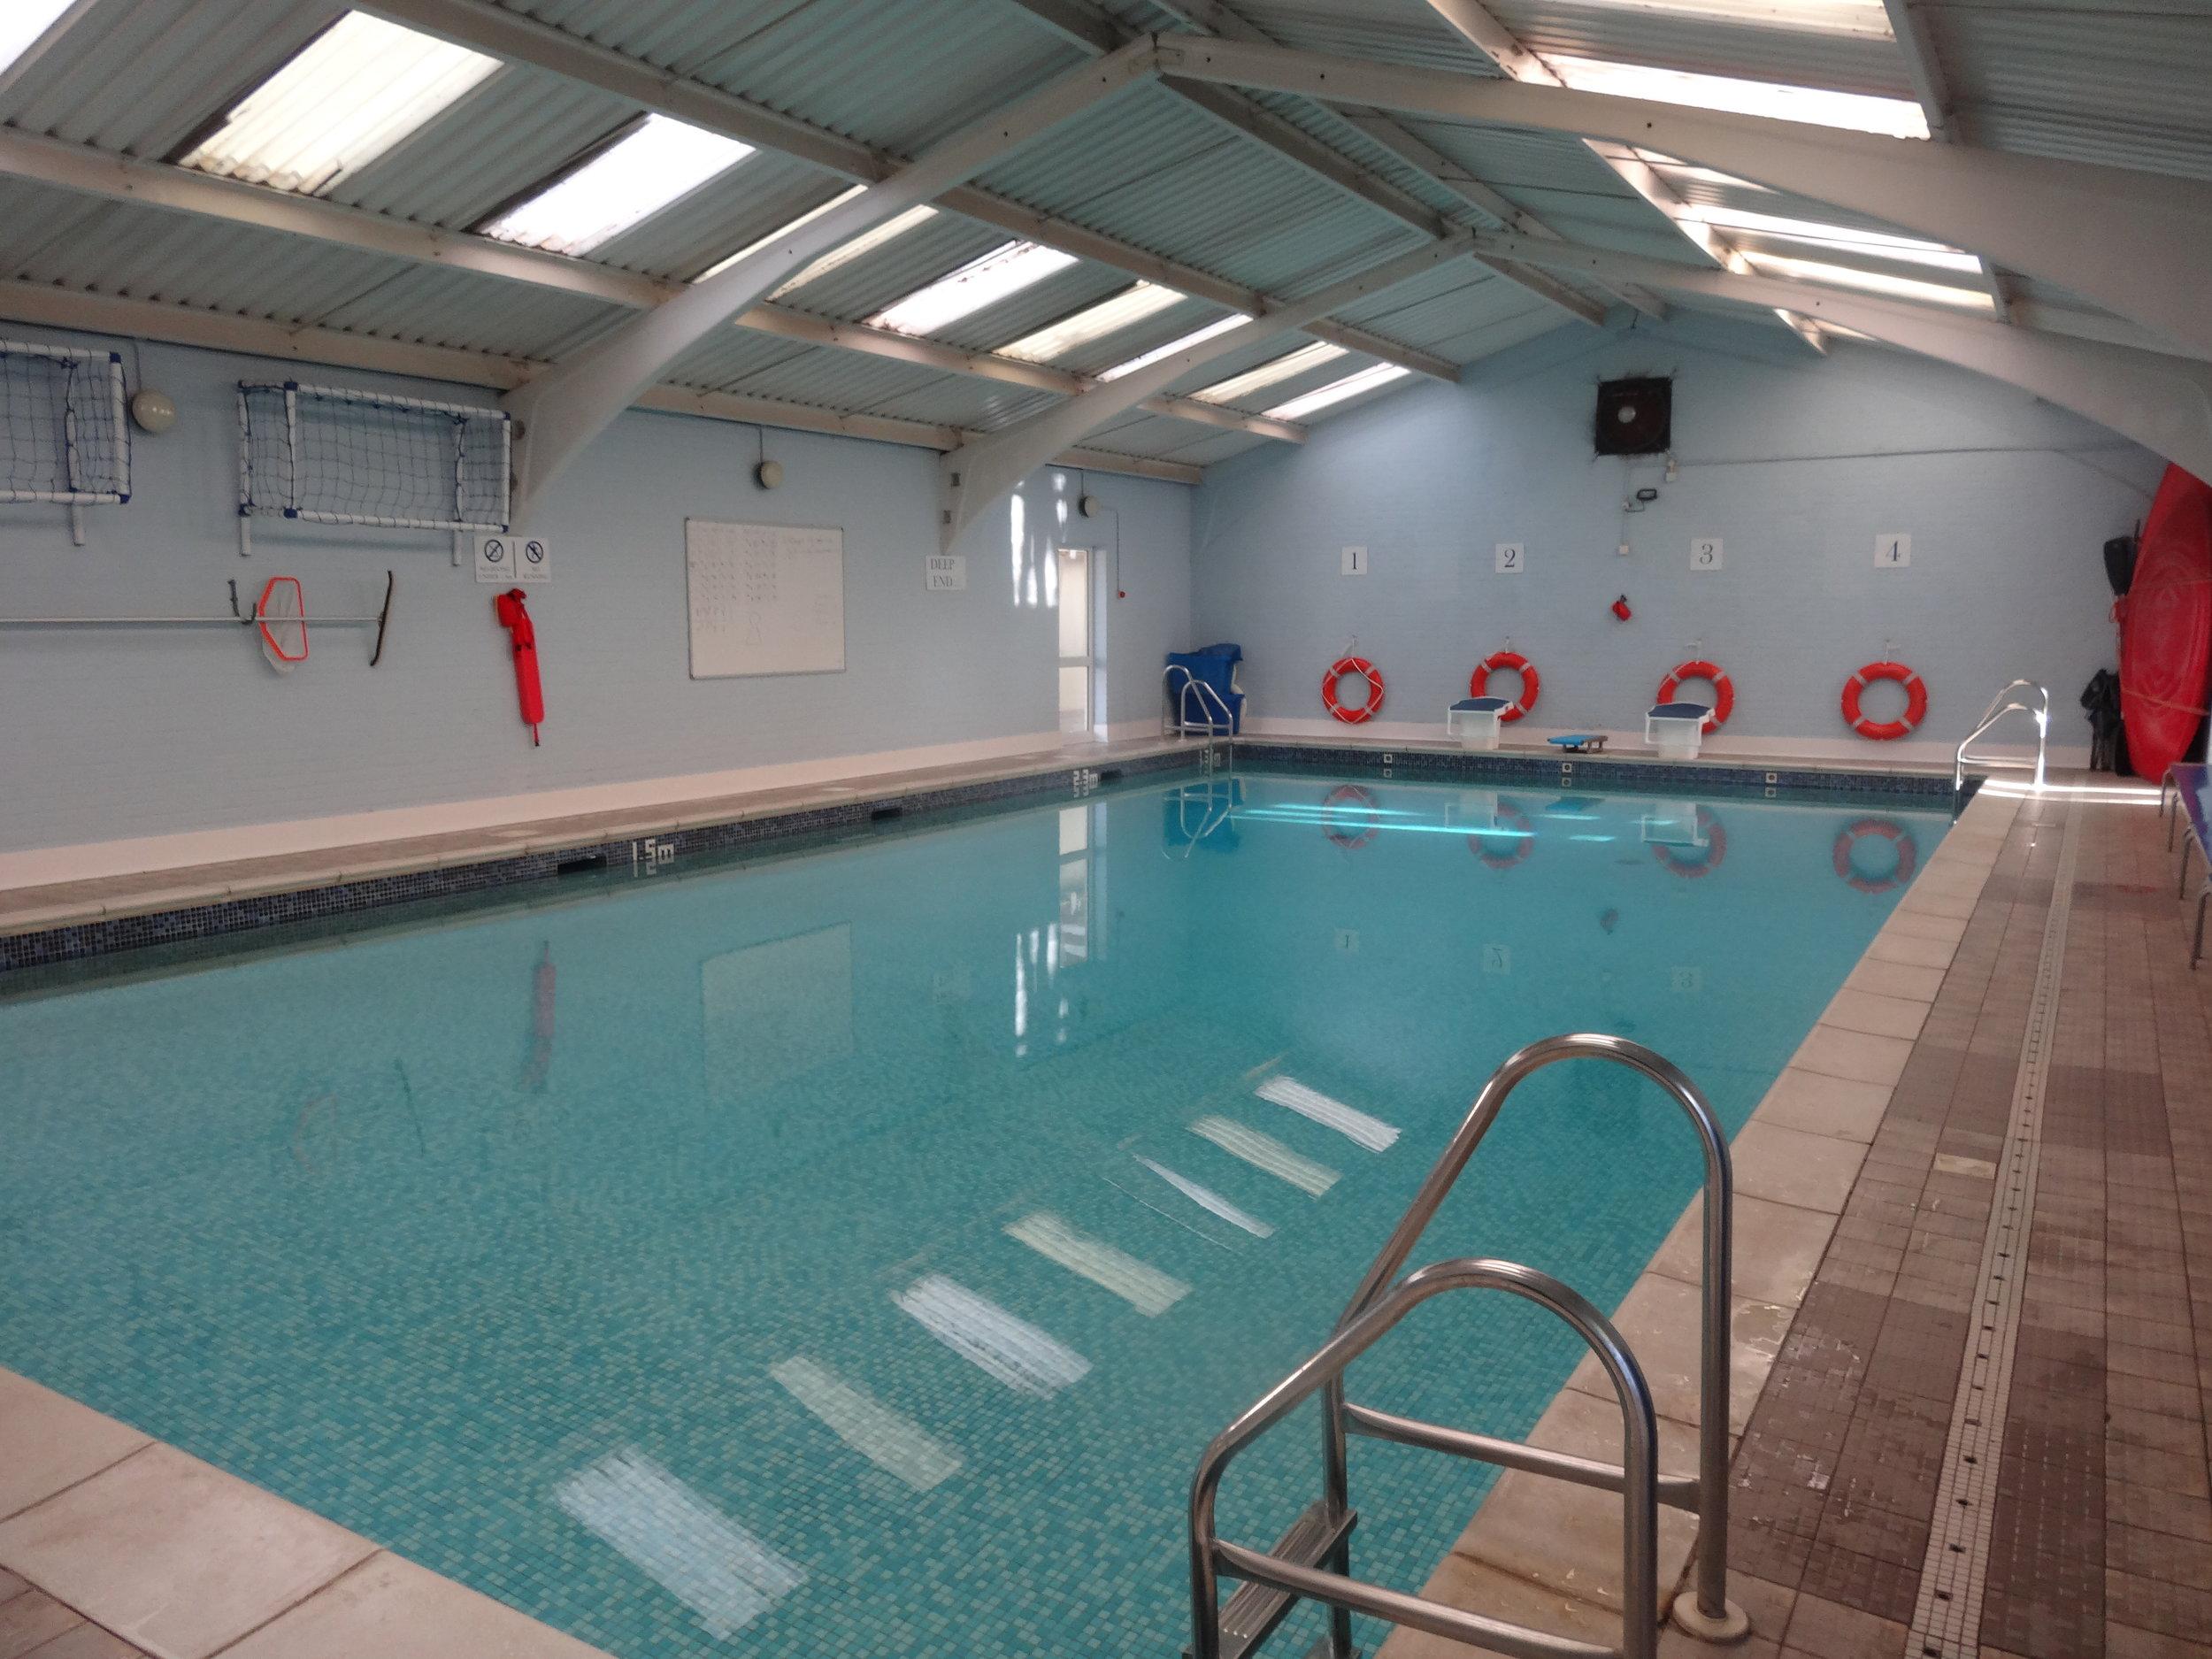 Barfield Pool 1.jpg